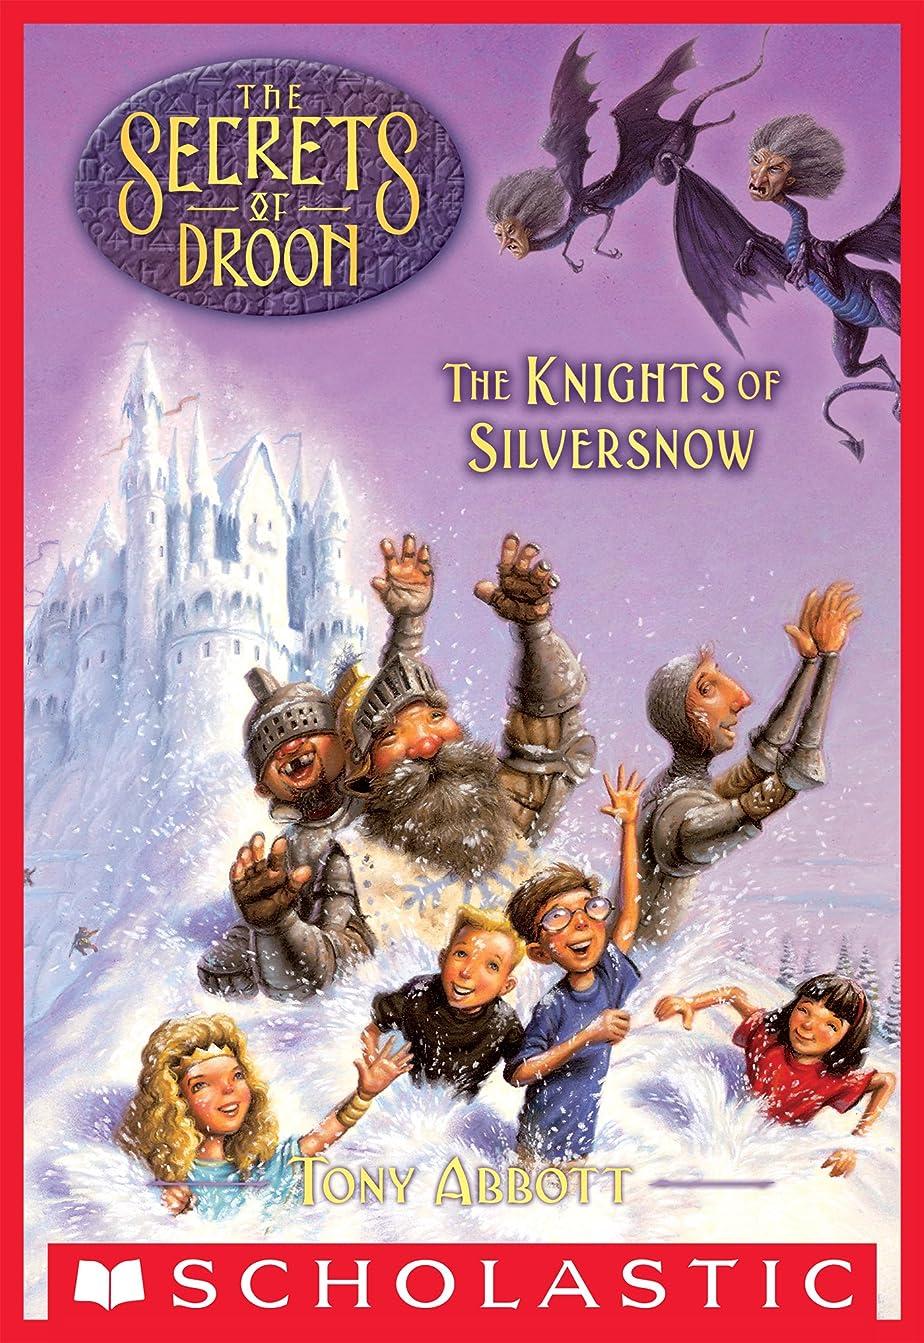 モンク要塞翻訳するThe Knights of Silversnow (The Secrets of Droon #16) (English Edition)